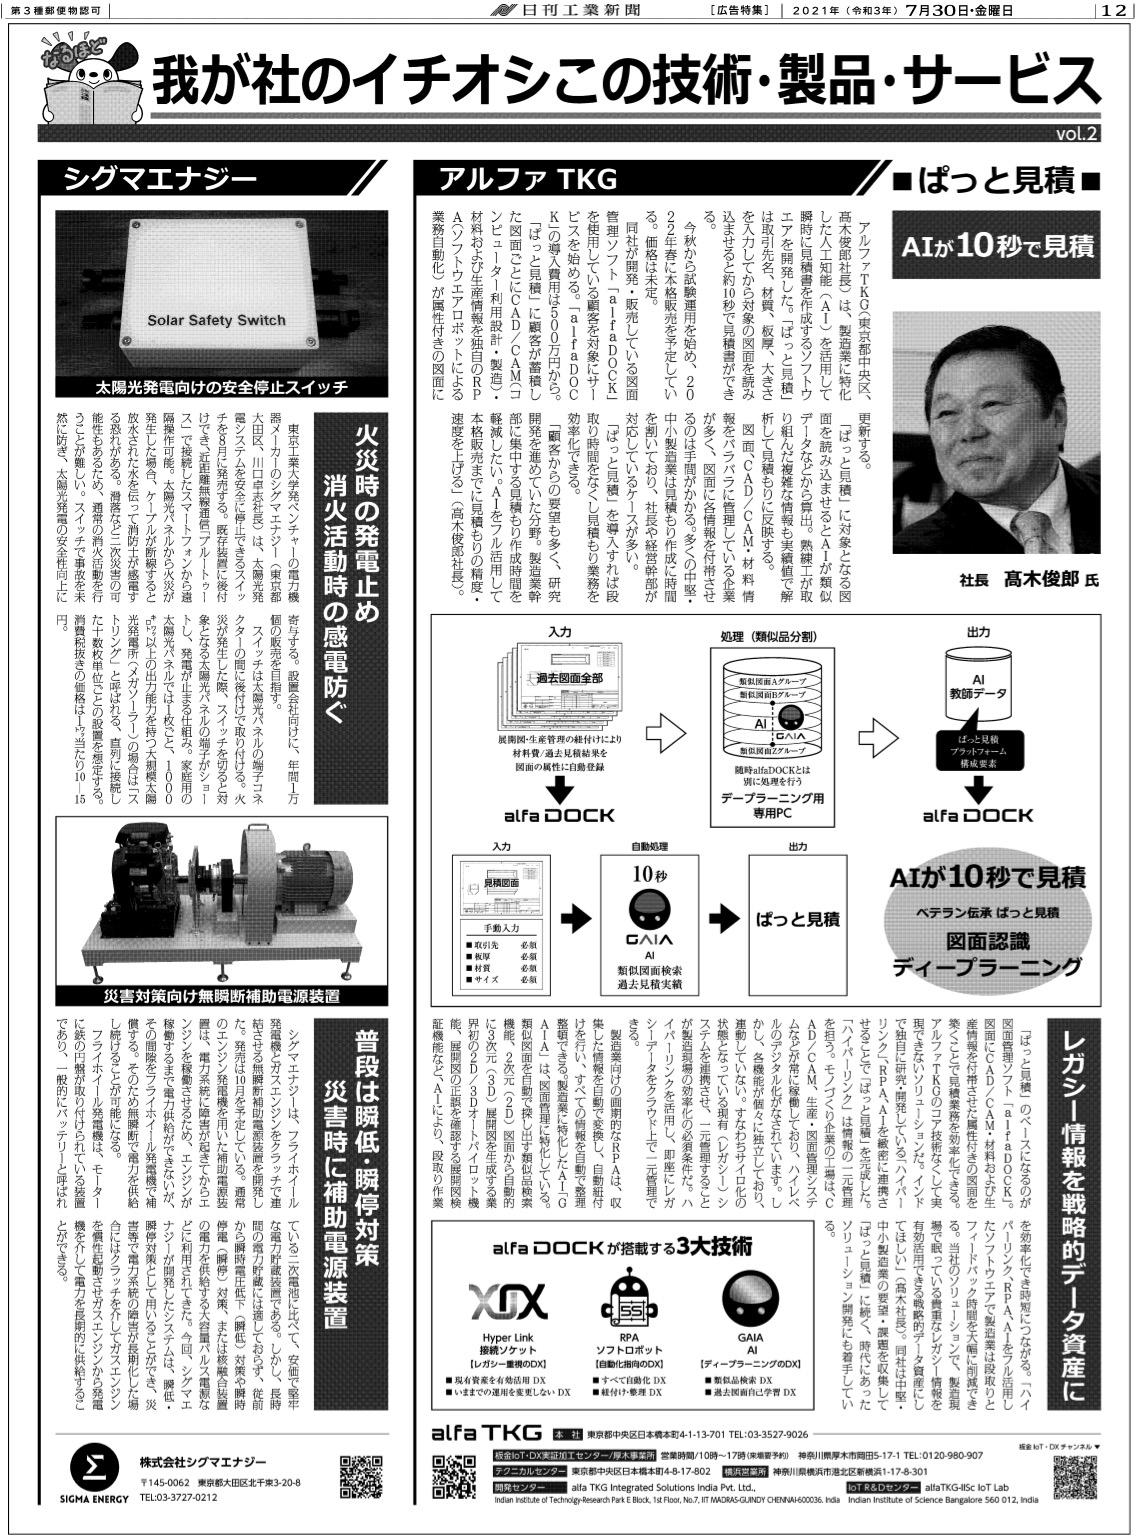 日刊工業新聞掲載記事20210730